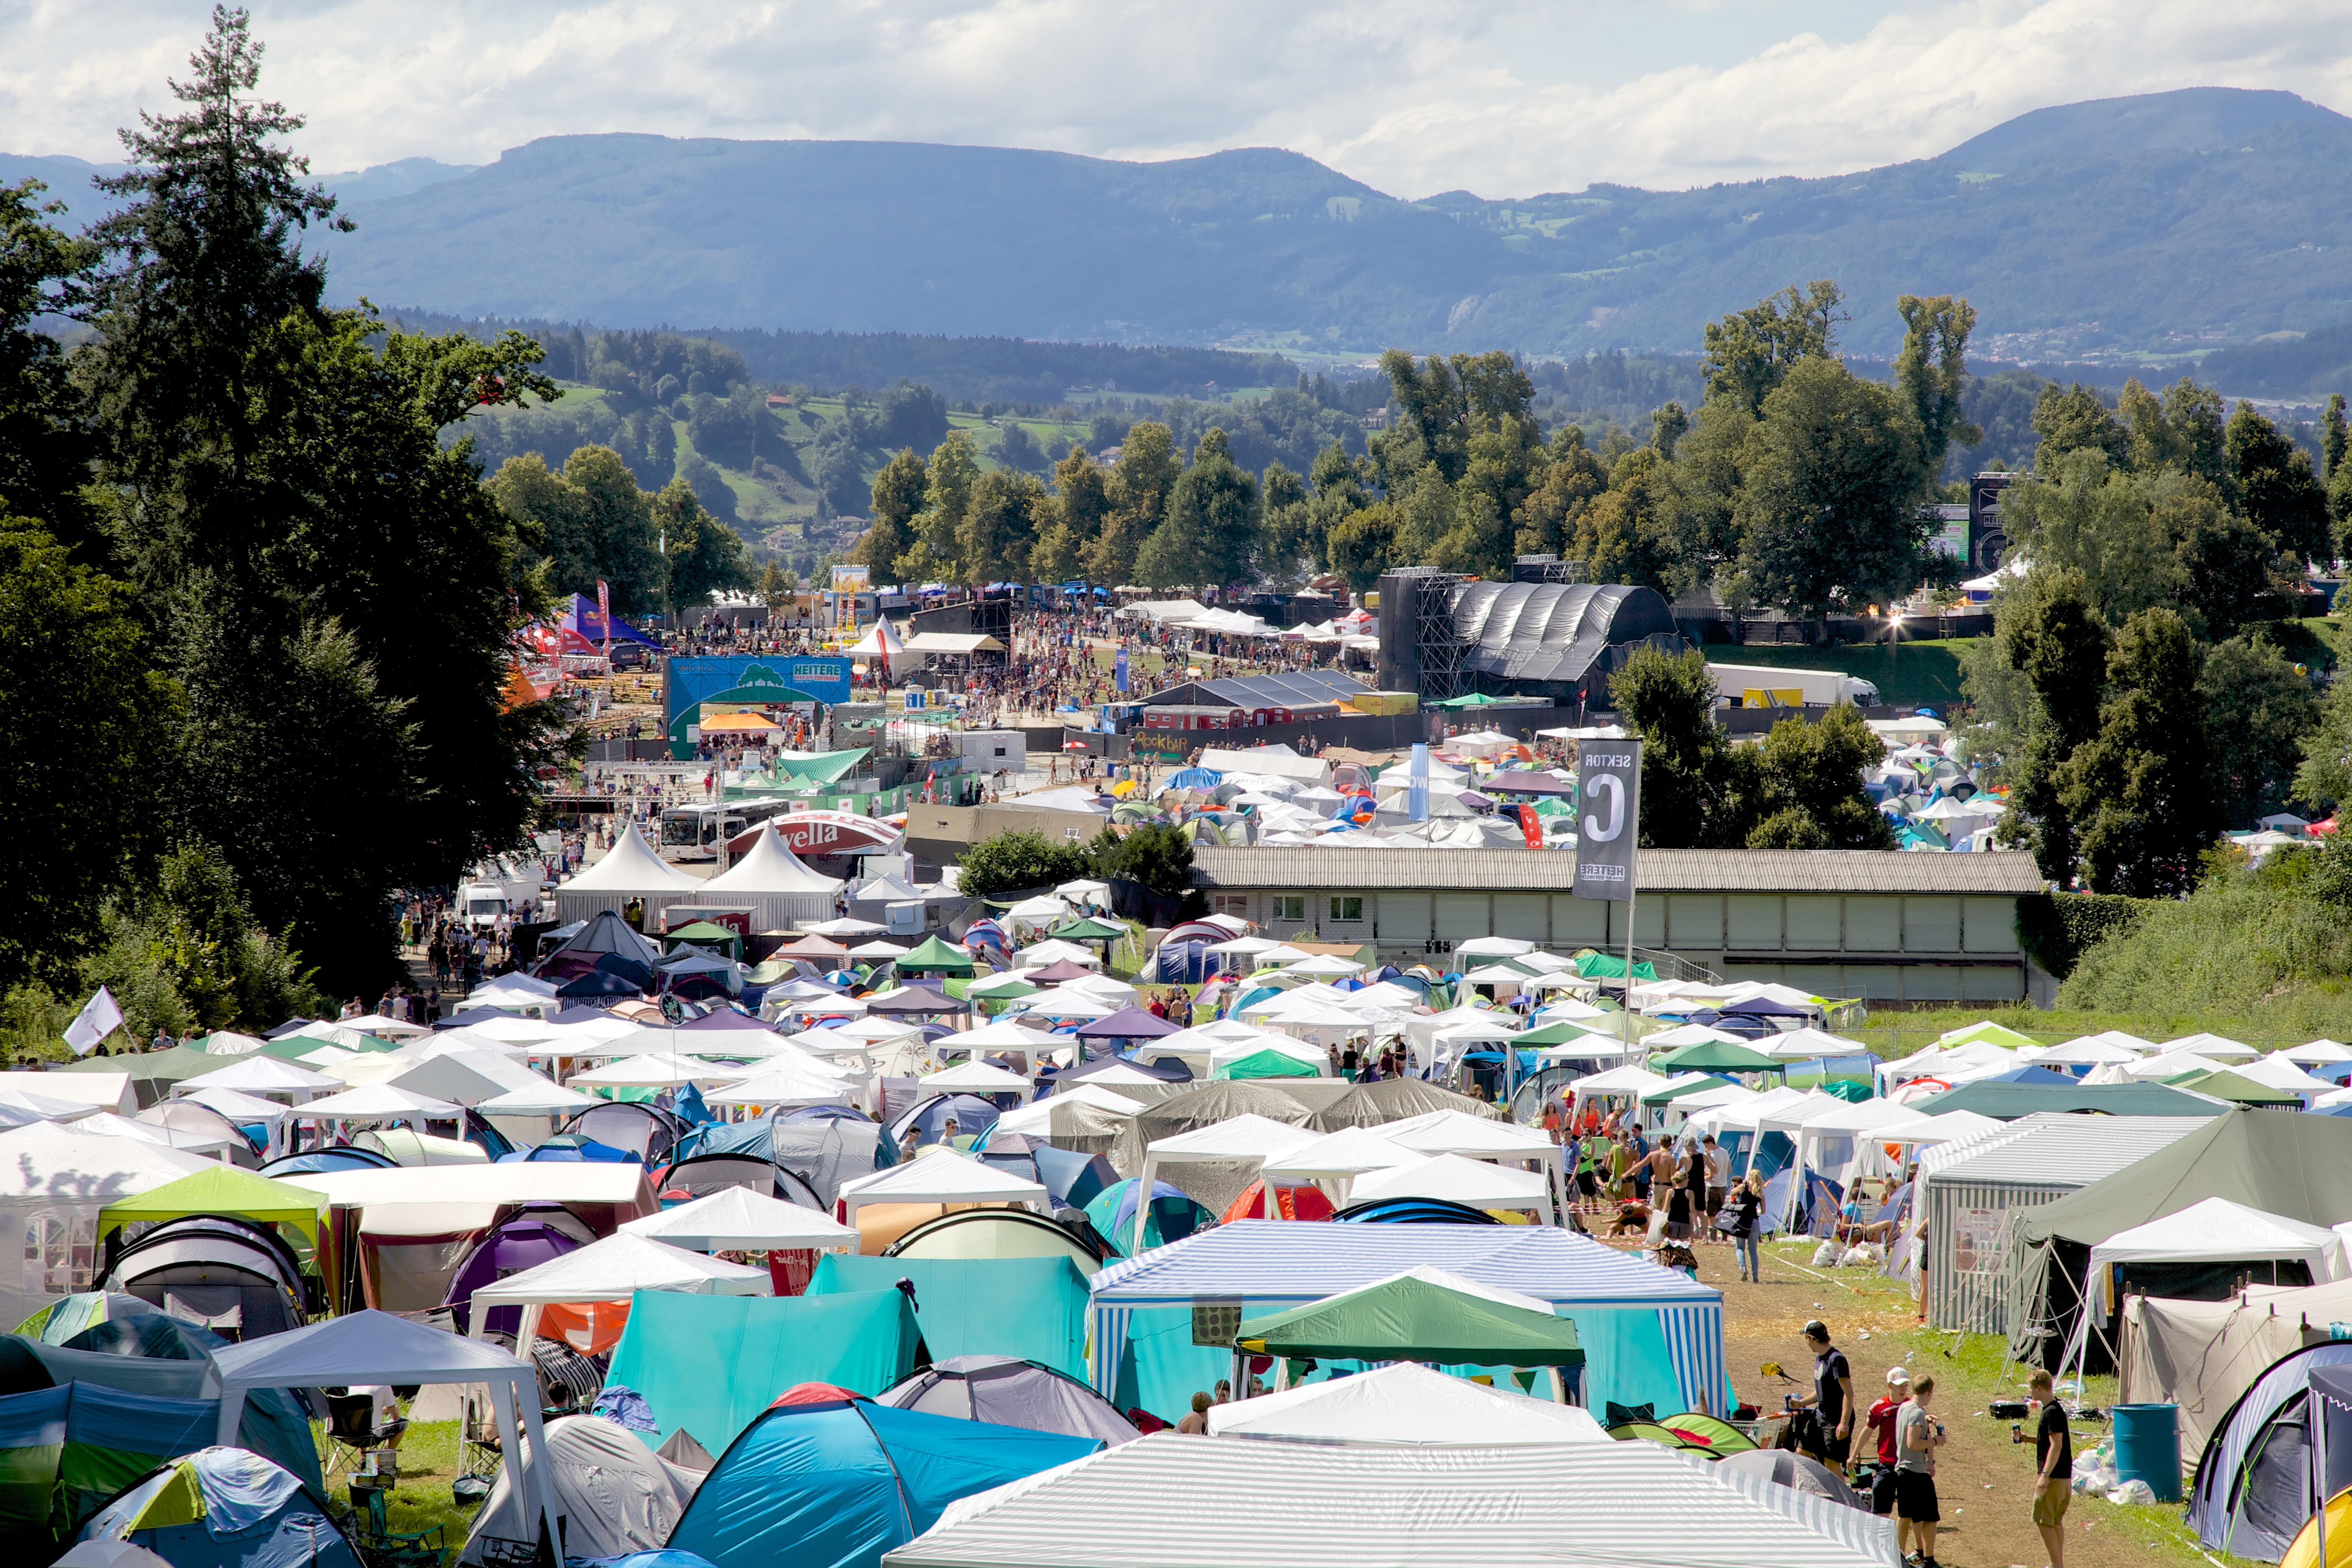 Aussicht vom Zeltplatz auf das Festivalgelände.